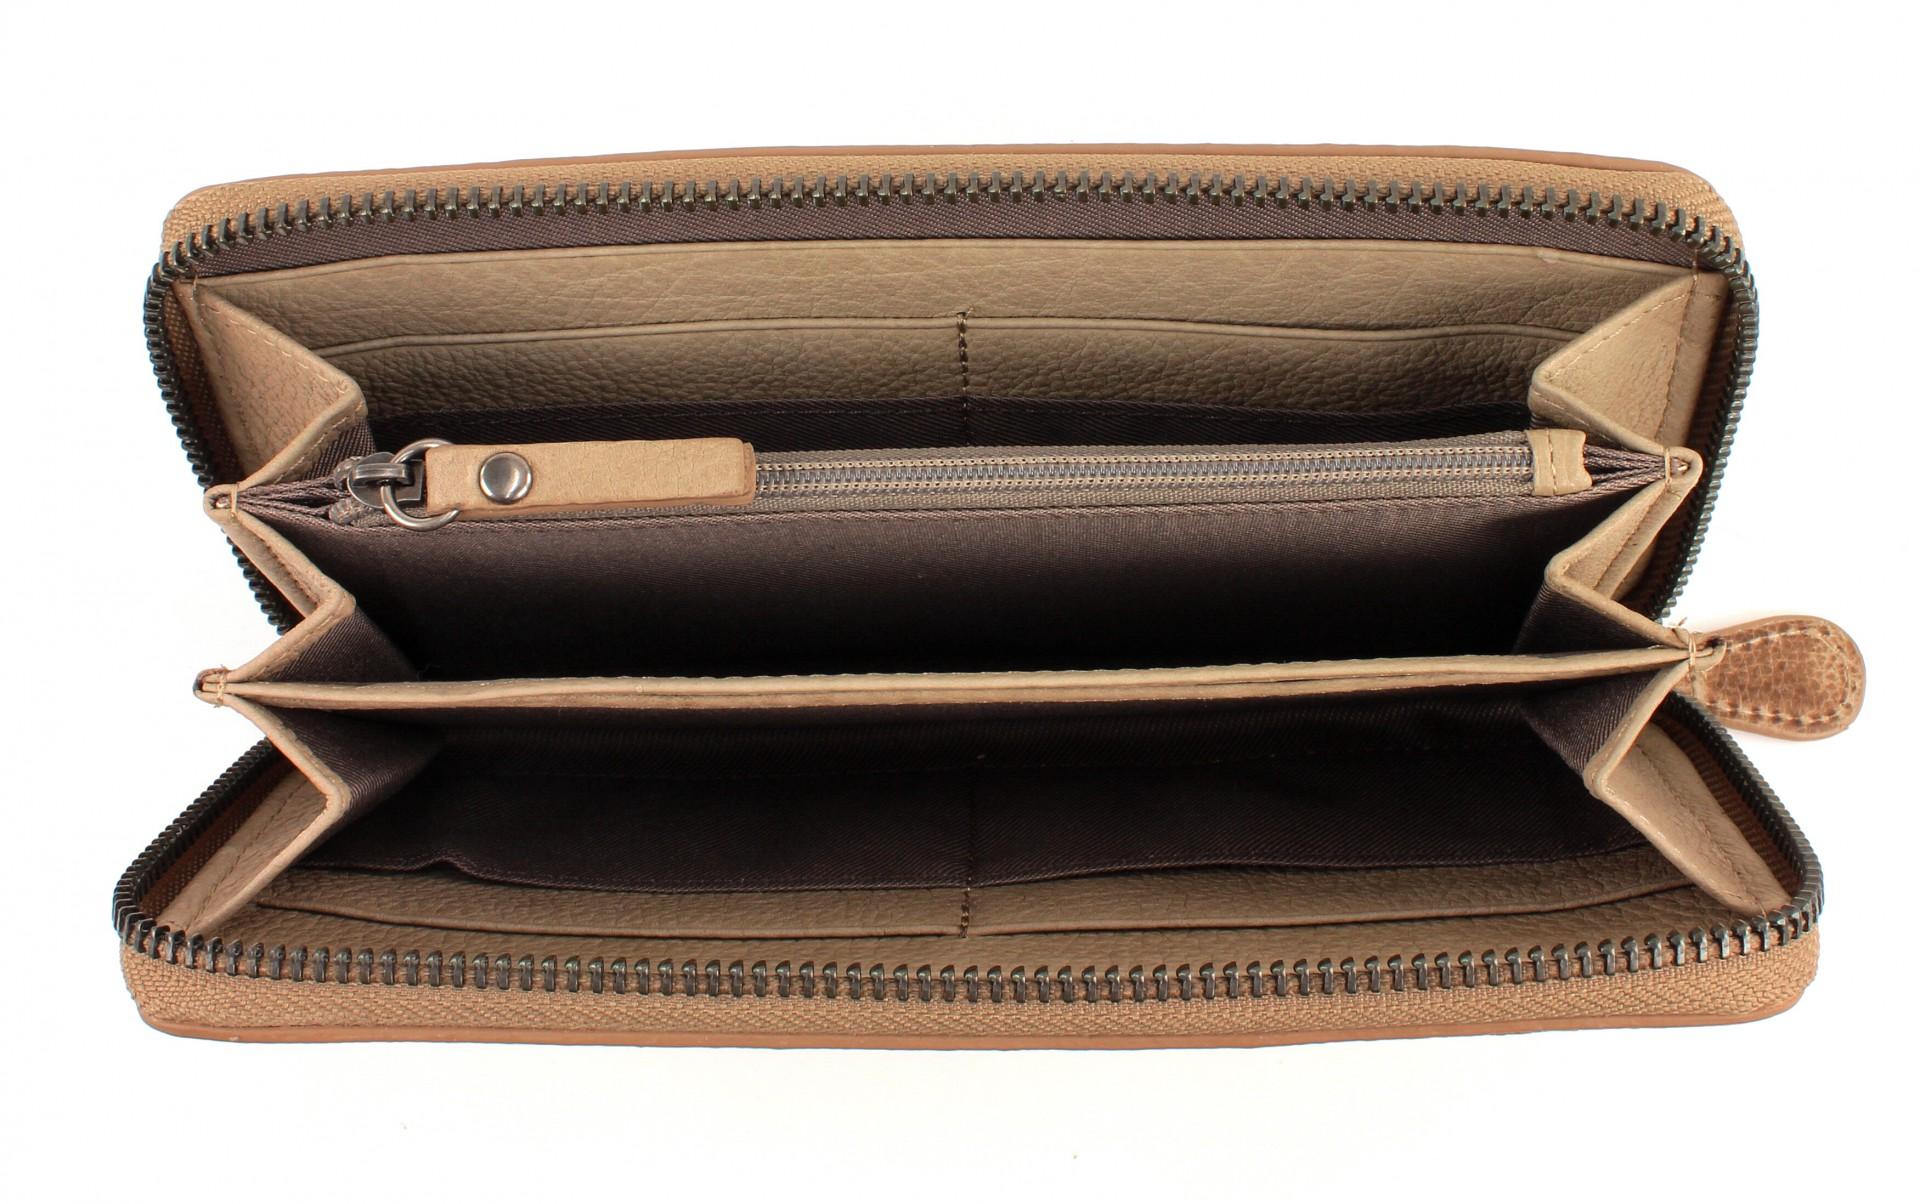 du sac avec une pratique tous azimuts zip, vous trouverez un